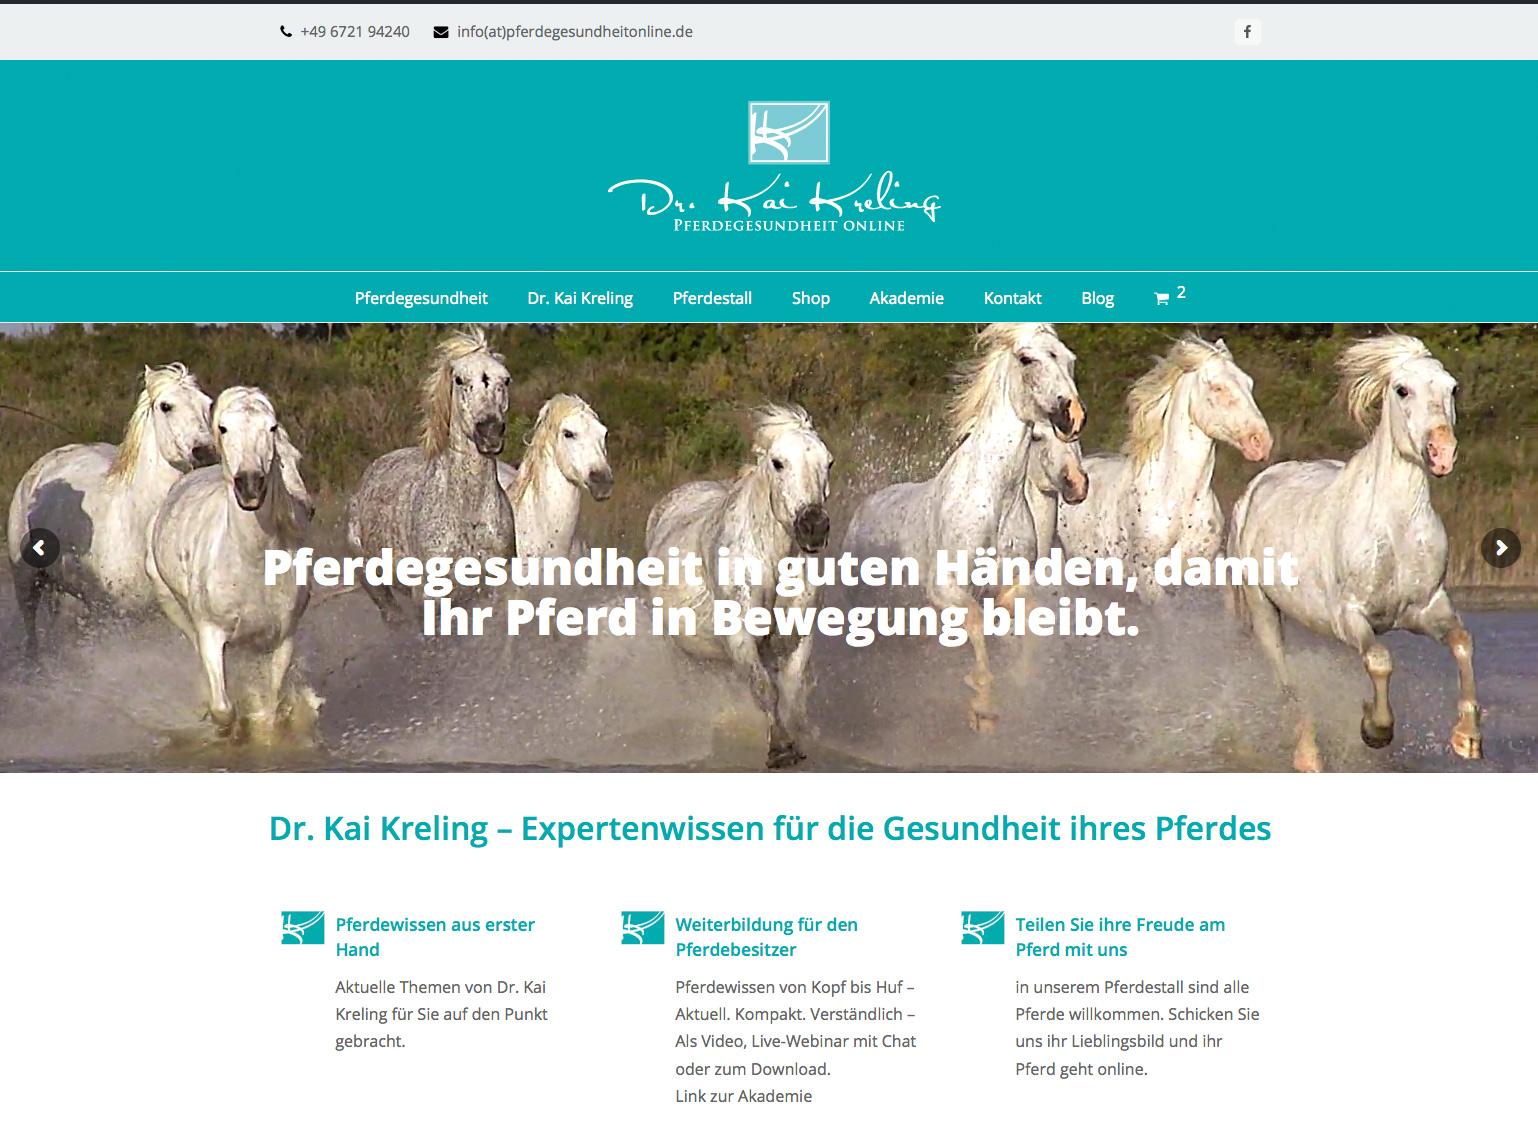 Pferdegesundheit_online